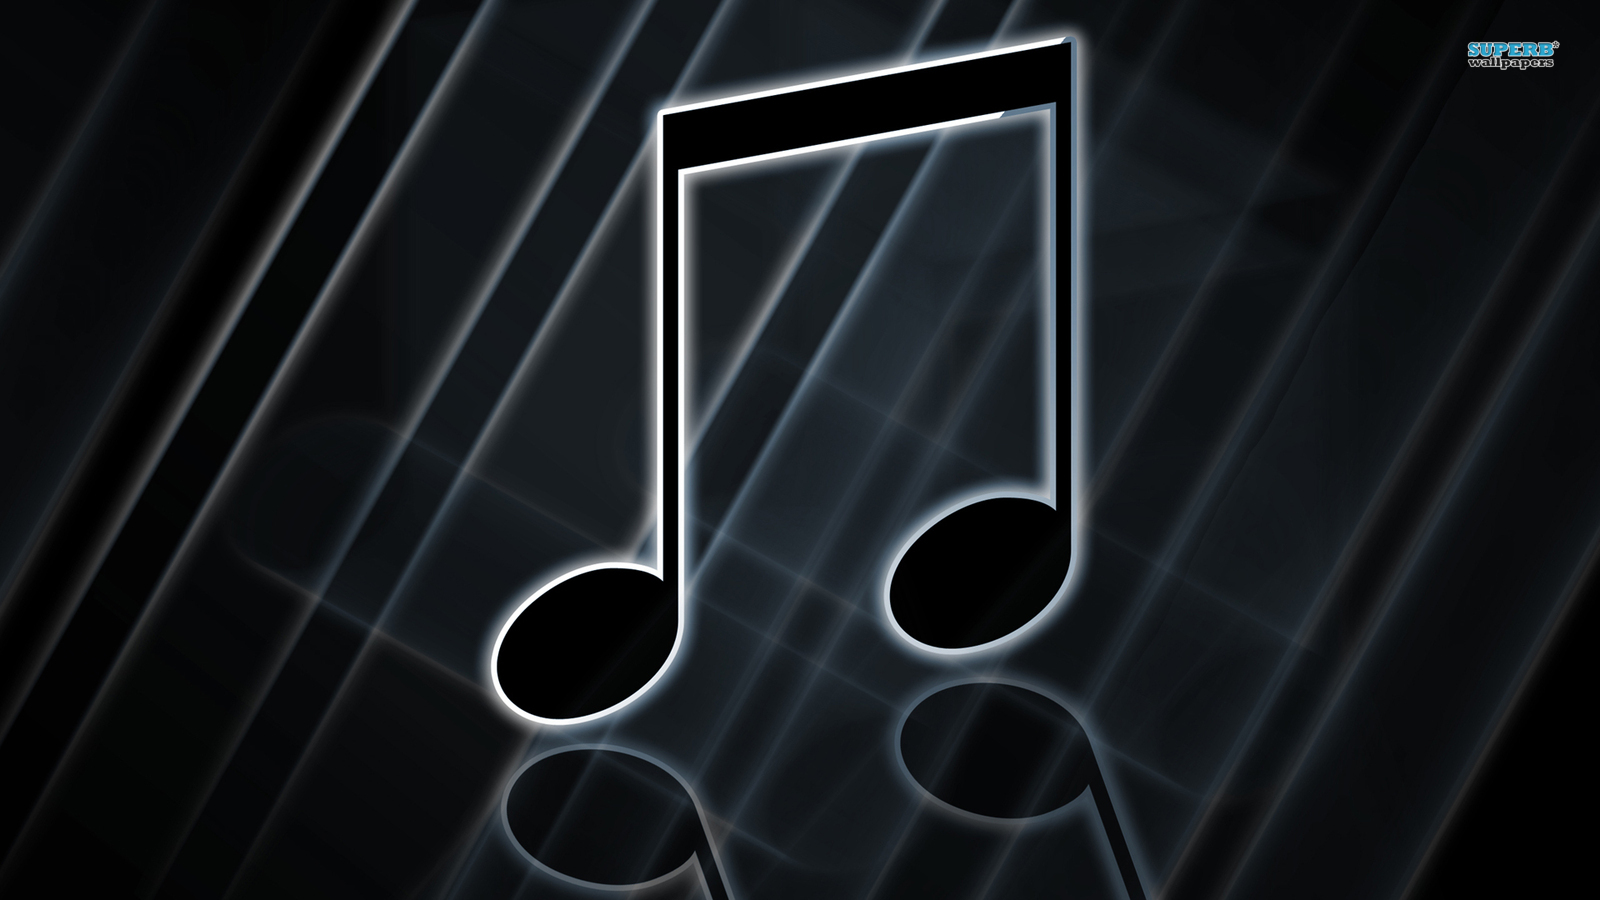 音楽 Jazz 壁紙 ファンポップ